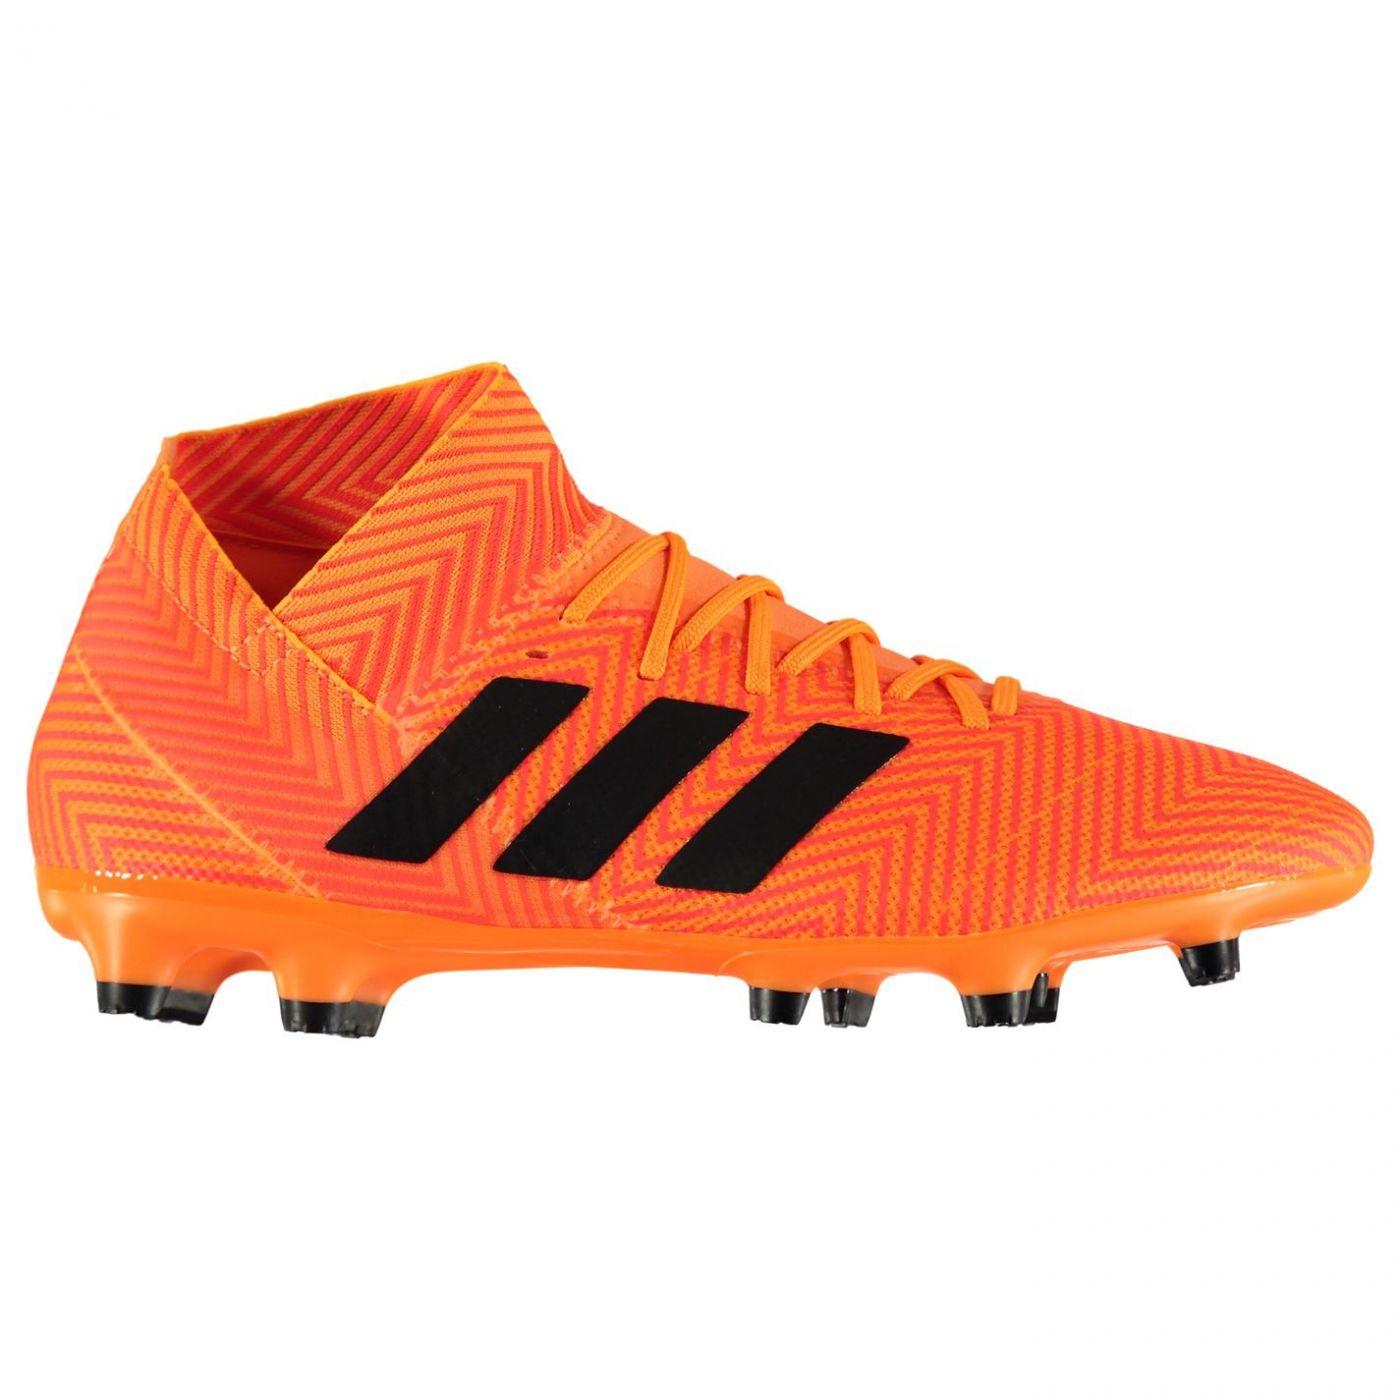 Adidas NEMEZIZ 18.3 FG Men's Football Boots